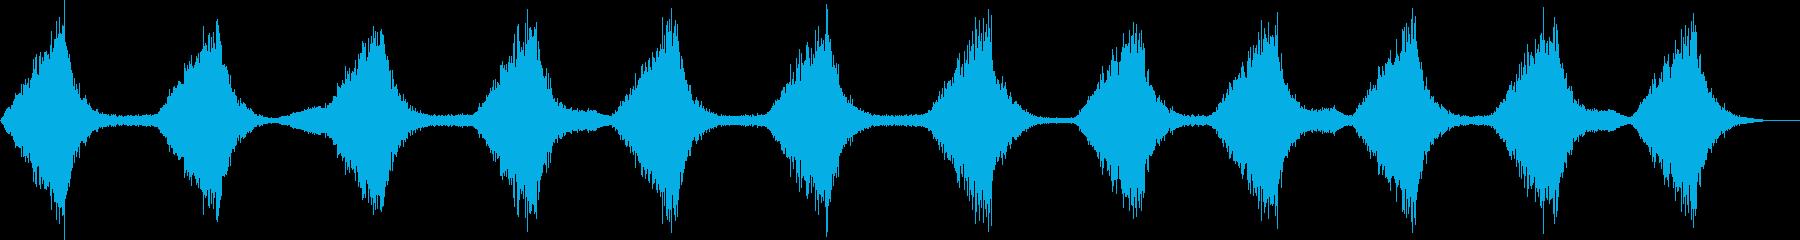 ザバーン...。波・海の音(穏やか・長)の再生済みの波形